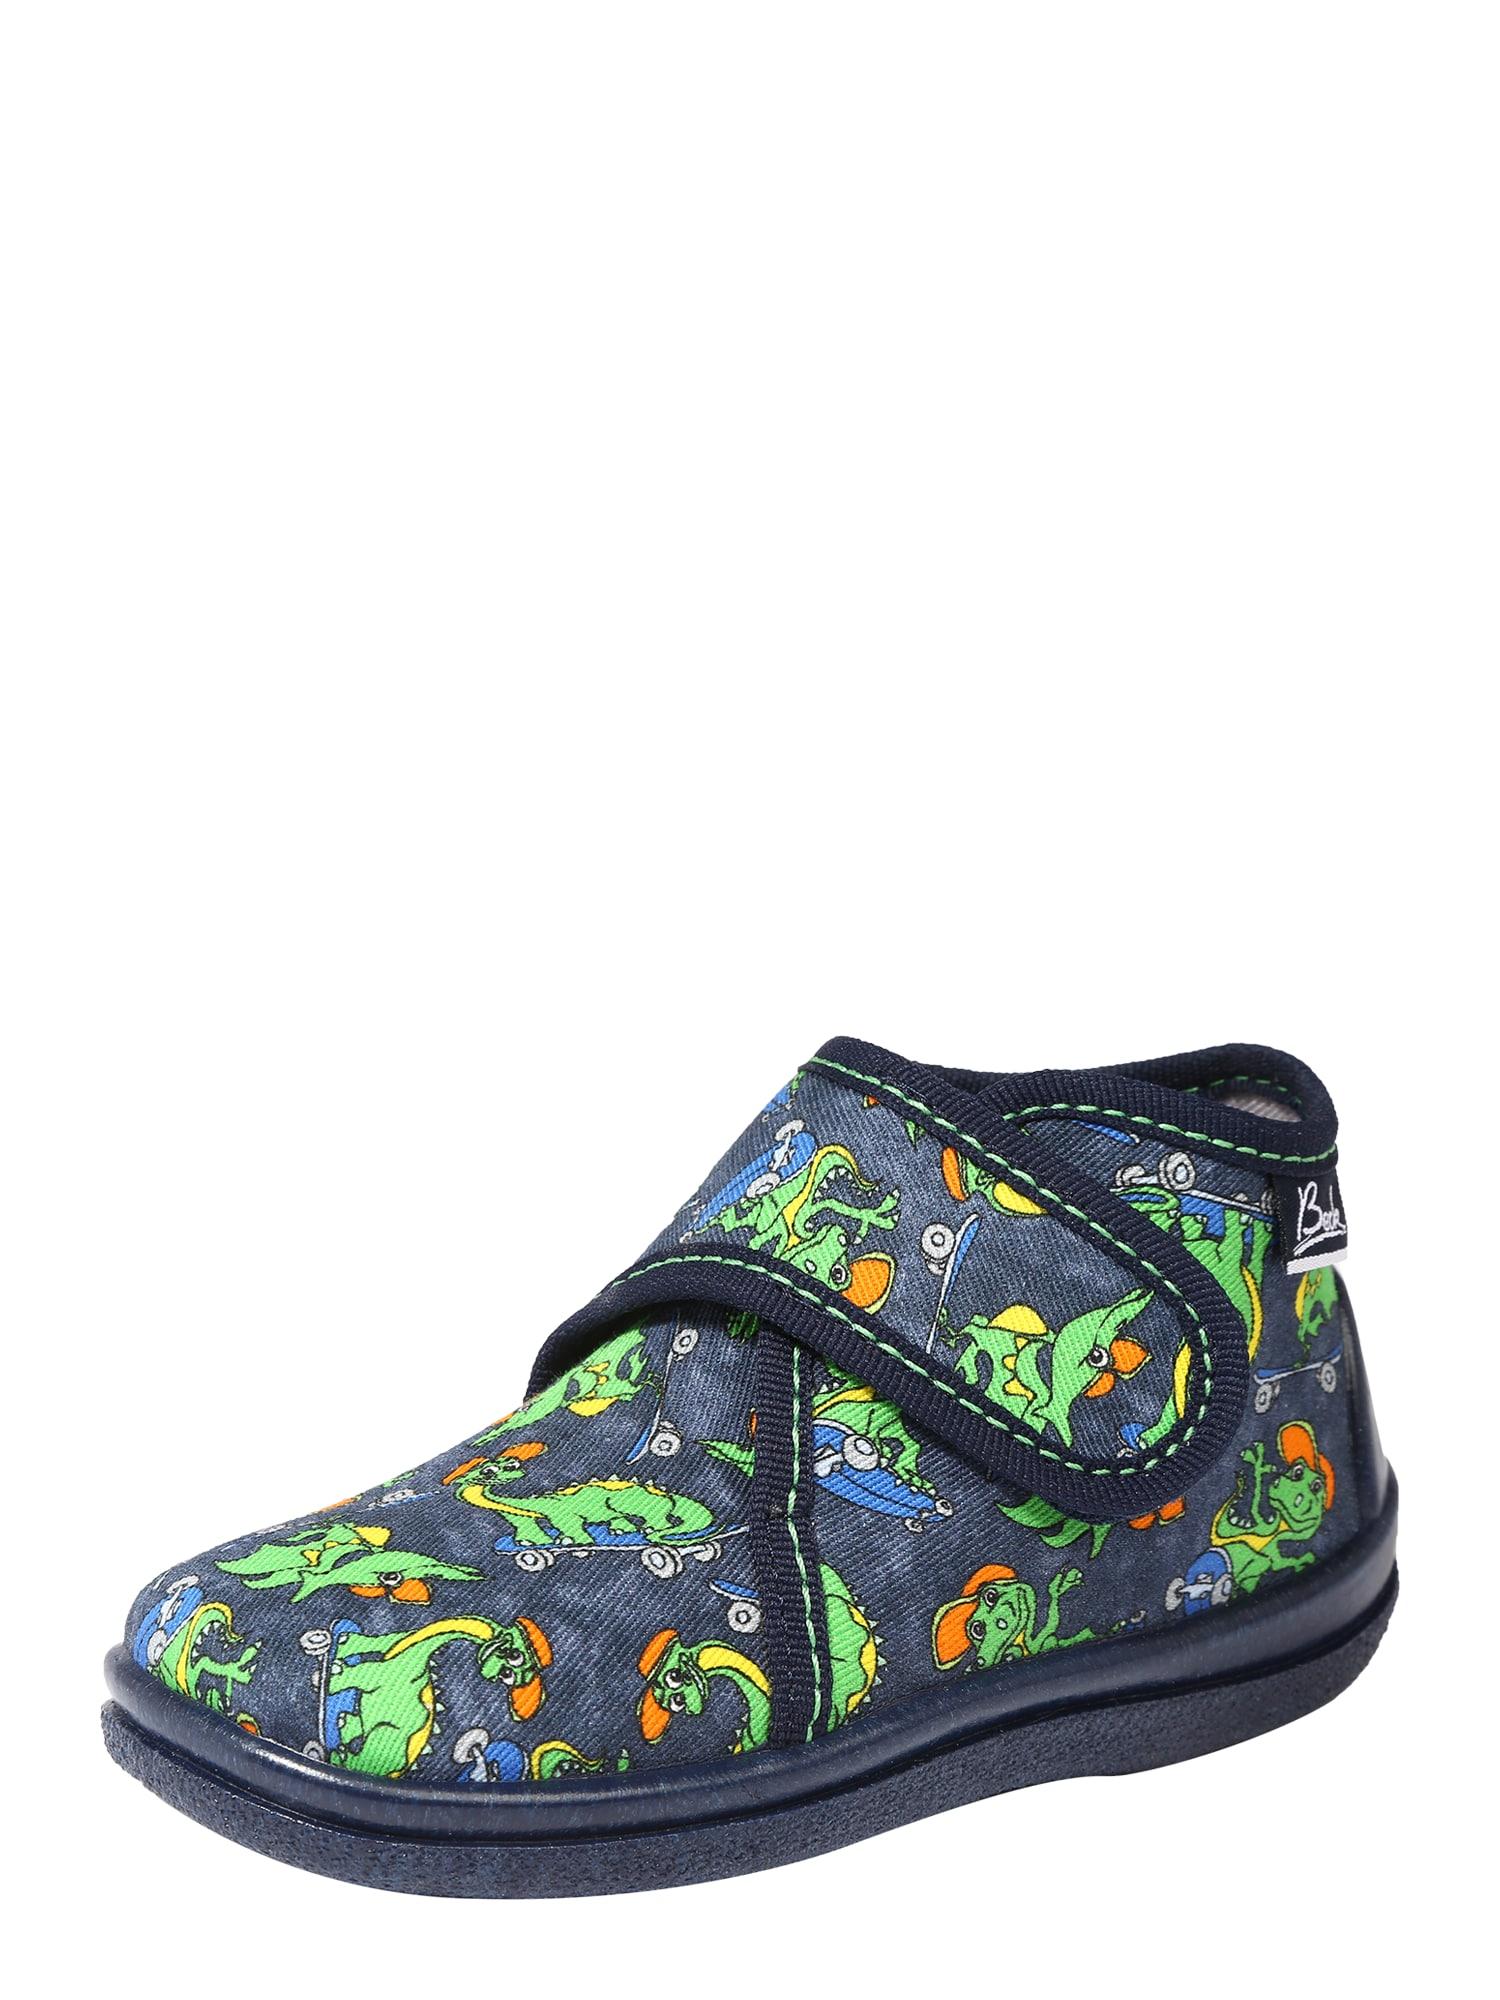 BECK Naminės šlepetės 'Skate Dino' tamsiai mėlyna / žalia / dangaus žydra / oranžinė